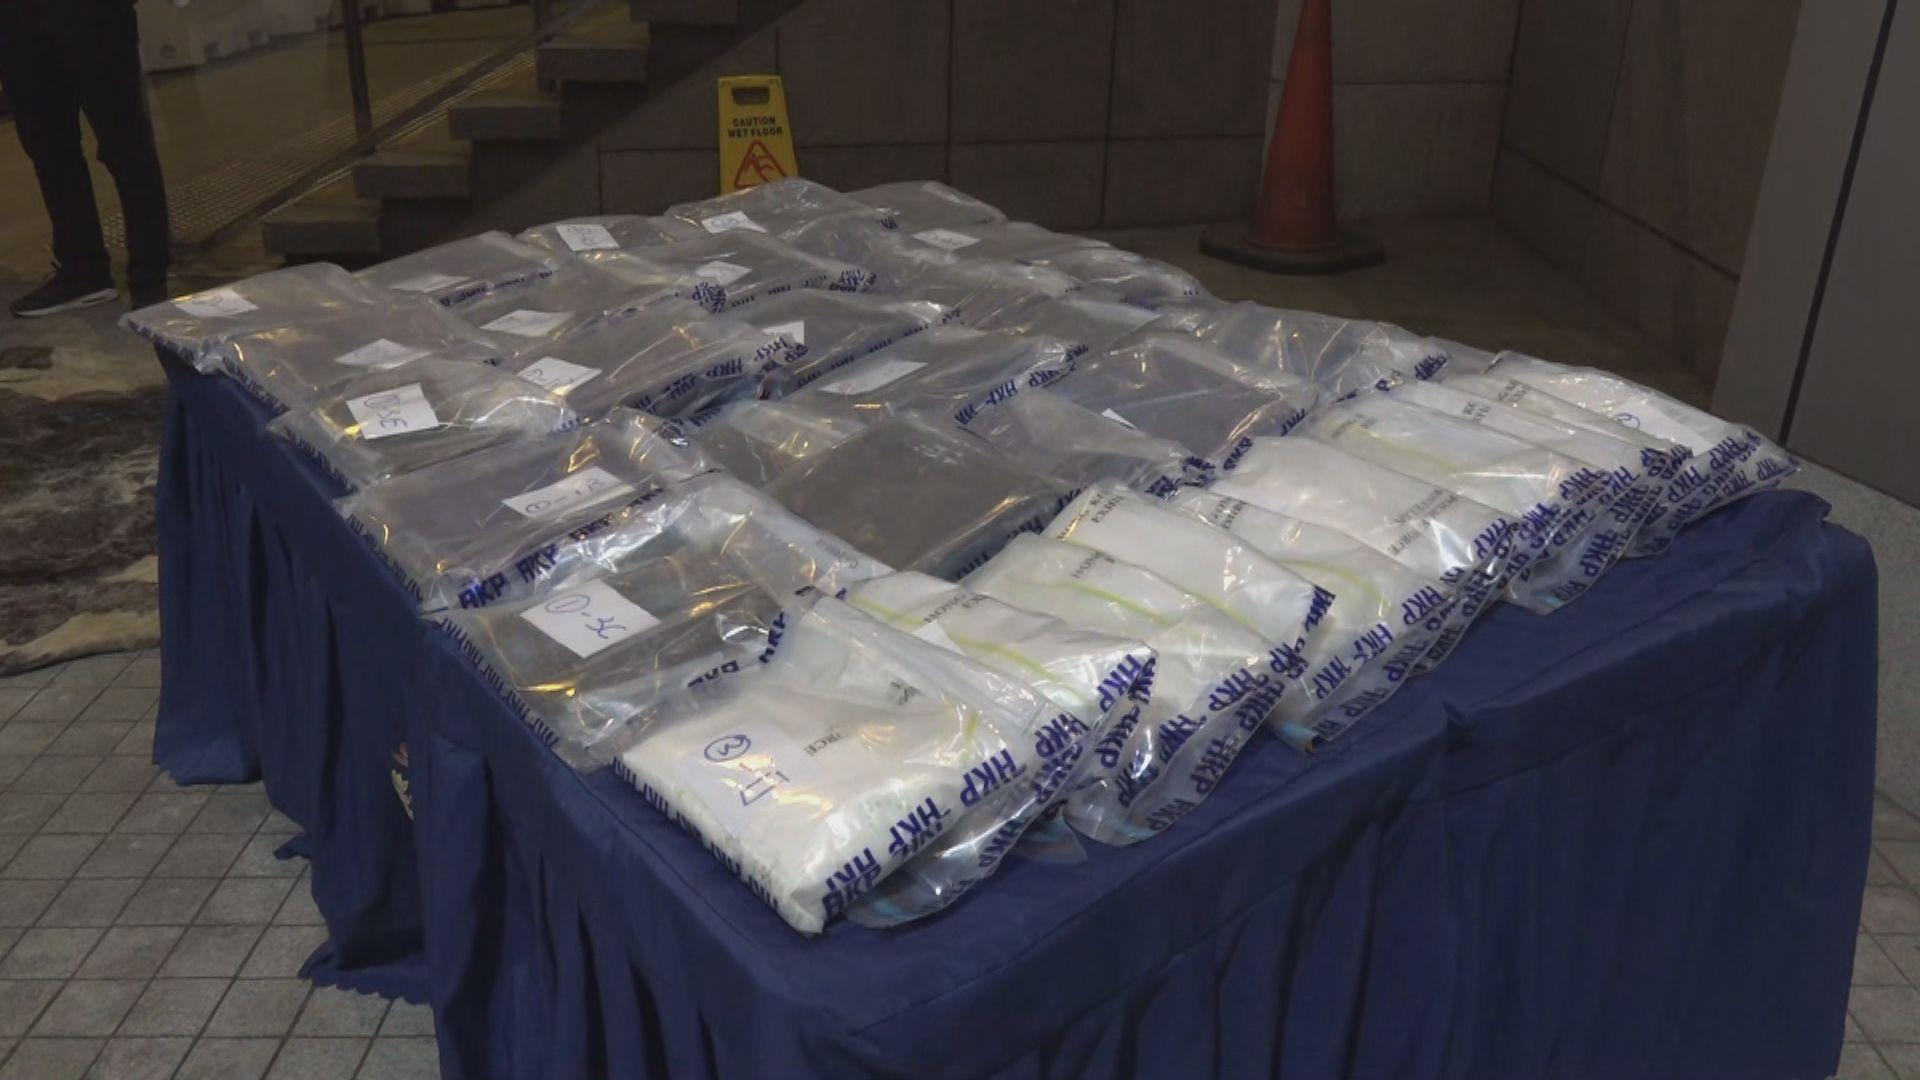 警方沙頭角檢獲35公斤可卡因 拘捕六人